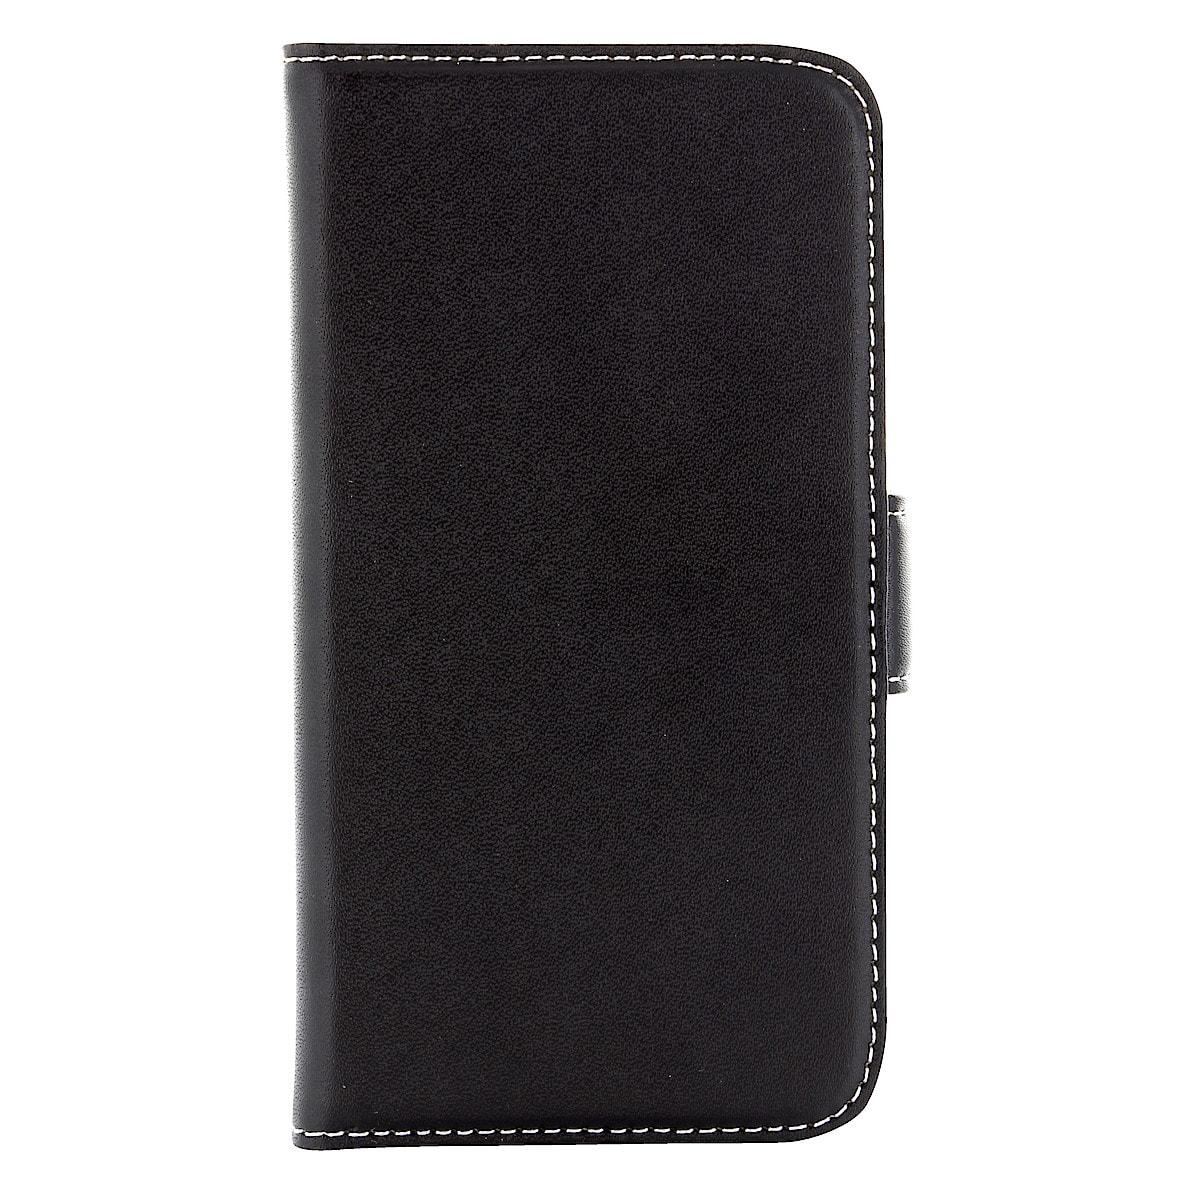 Plånboksfodral för Samsung Galaxy, Holdit